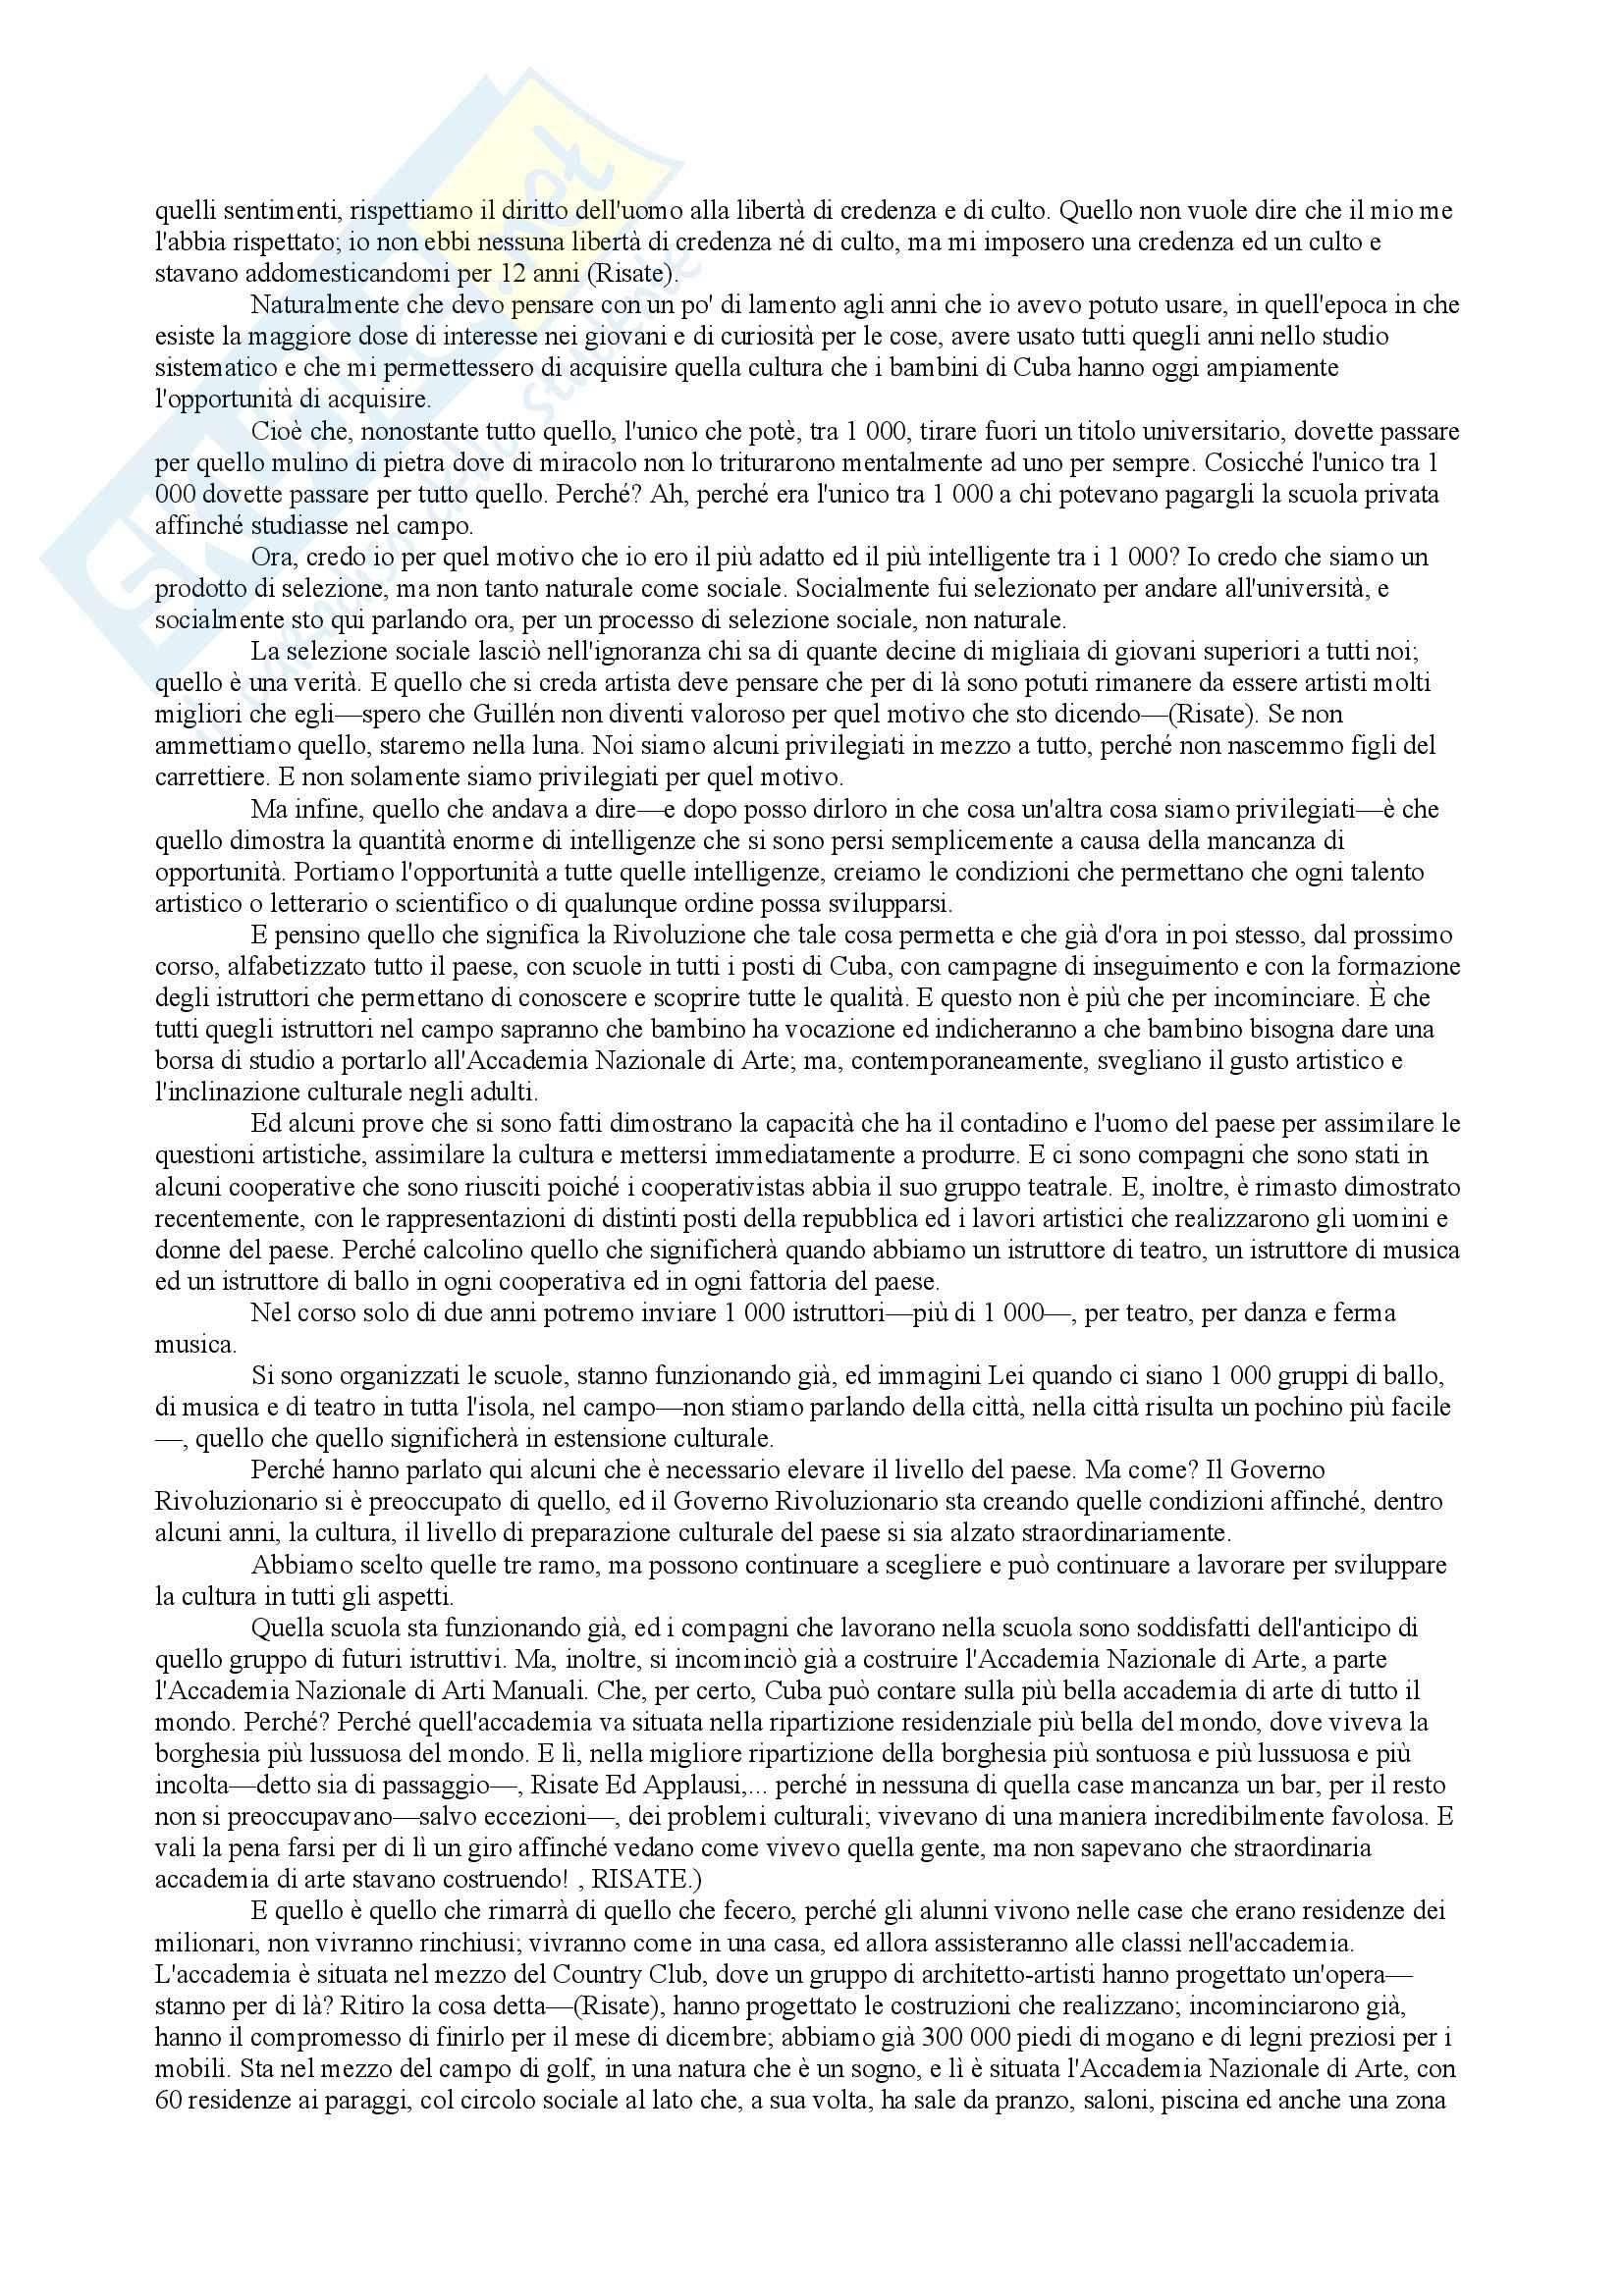 Traduzione discorso Fidel Castro Pag. 26